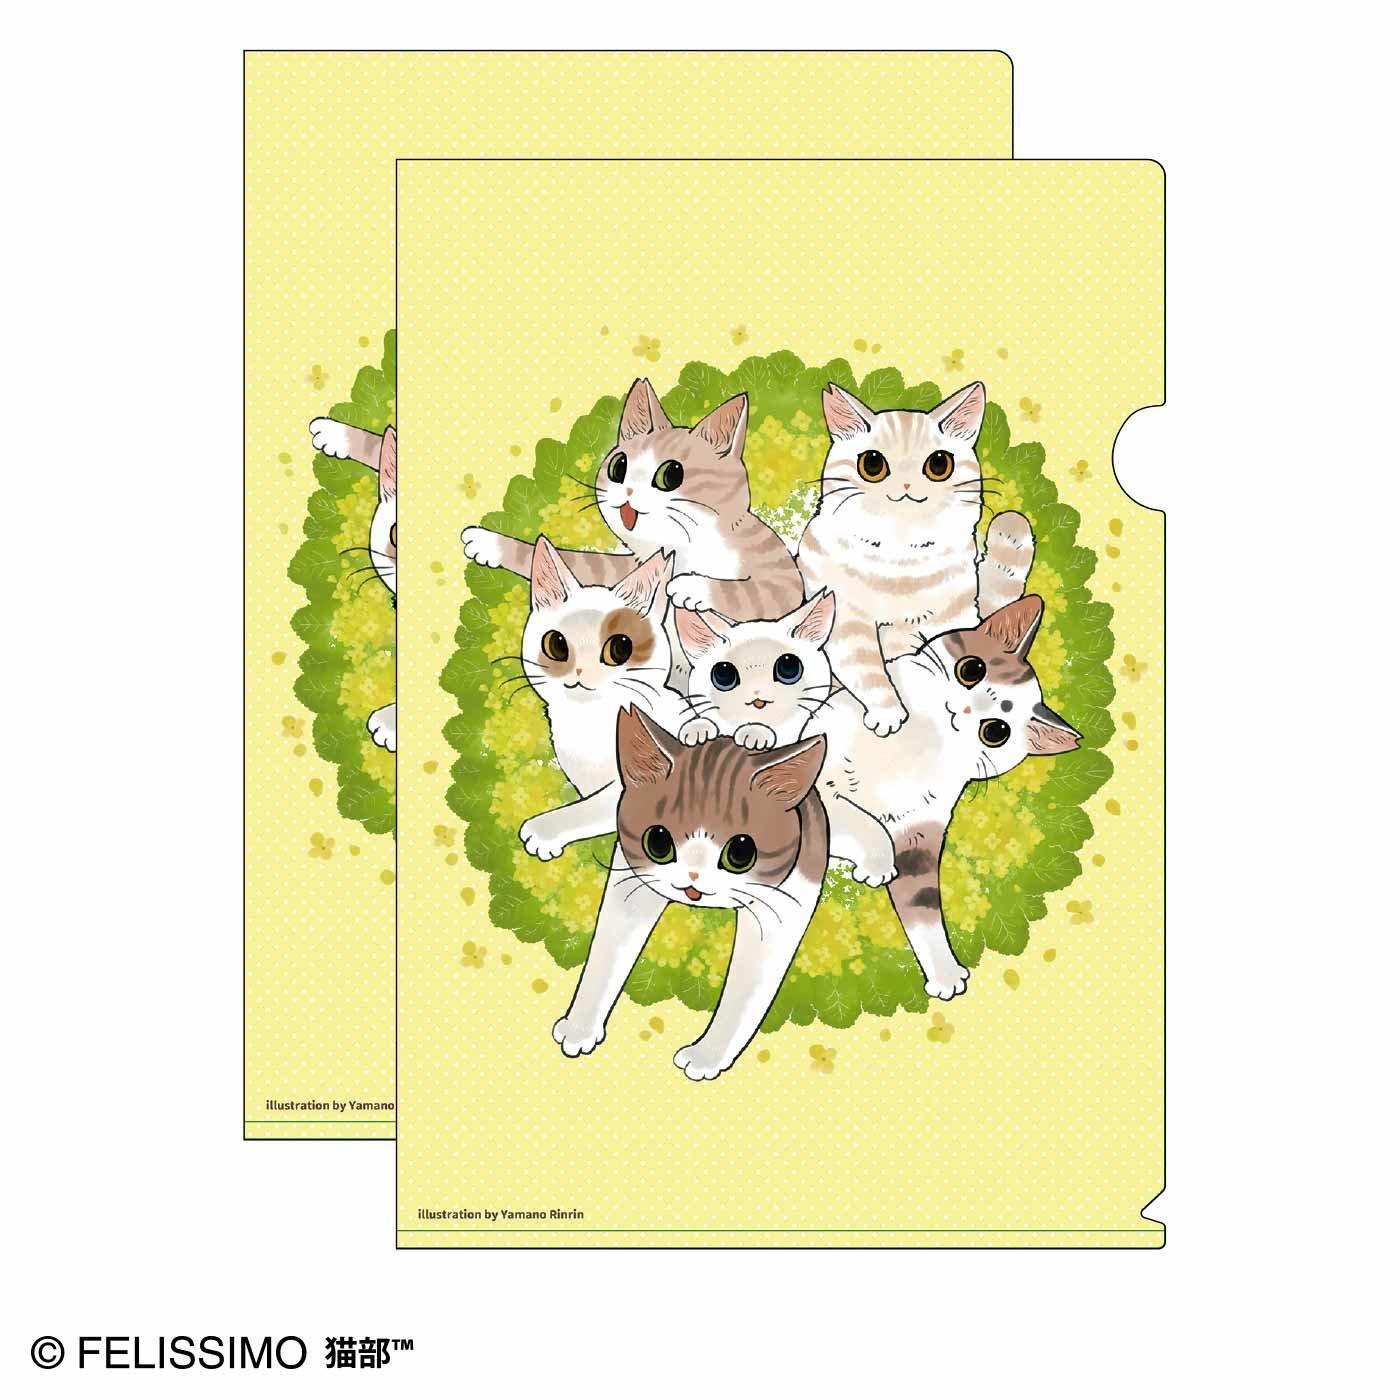 猫部×山野りんりん 地域猫チャリティークリアファイル2020